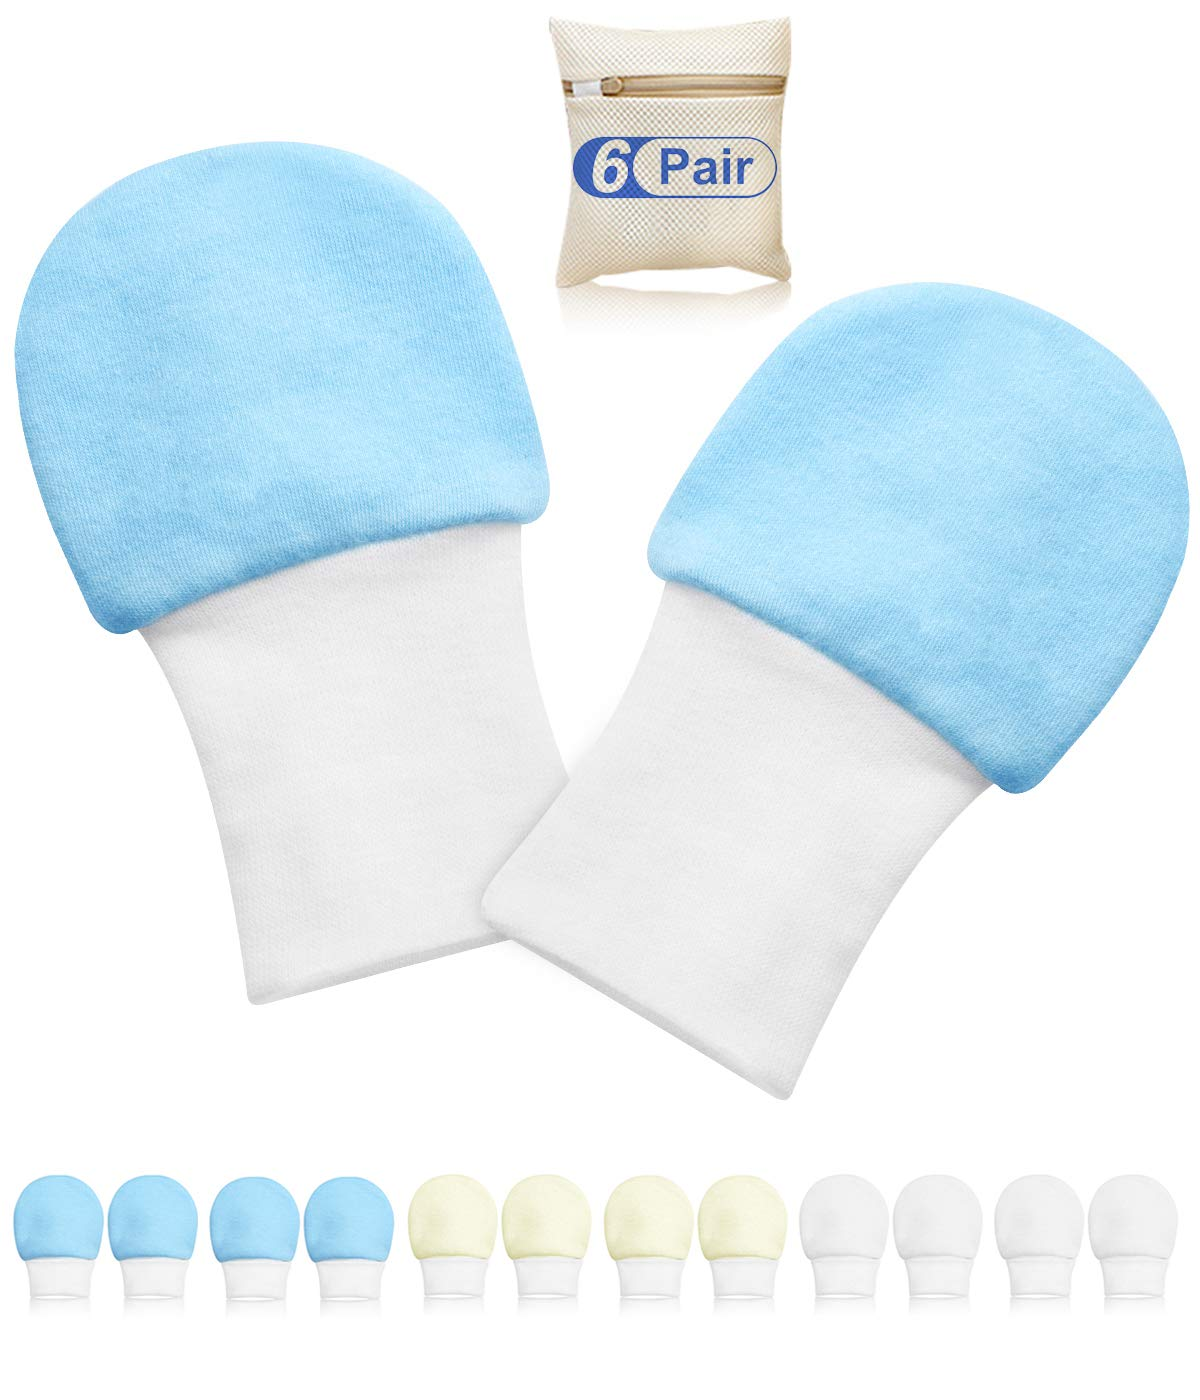 Newborn Baby Mittens Anti Scratch Baby Mittens No Scratch Mittens Baby Gloves for 0-6 Months Boys Girls(6 Pairs)